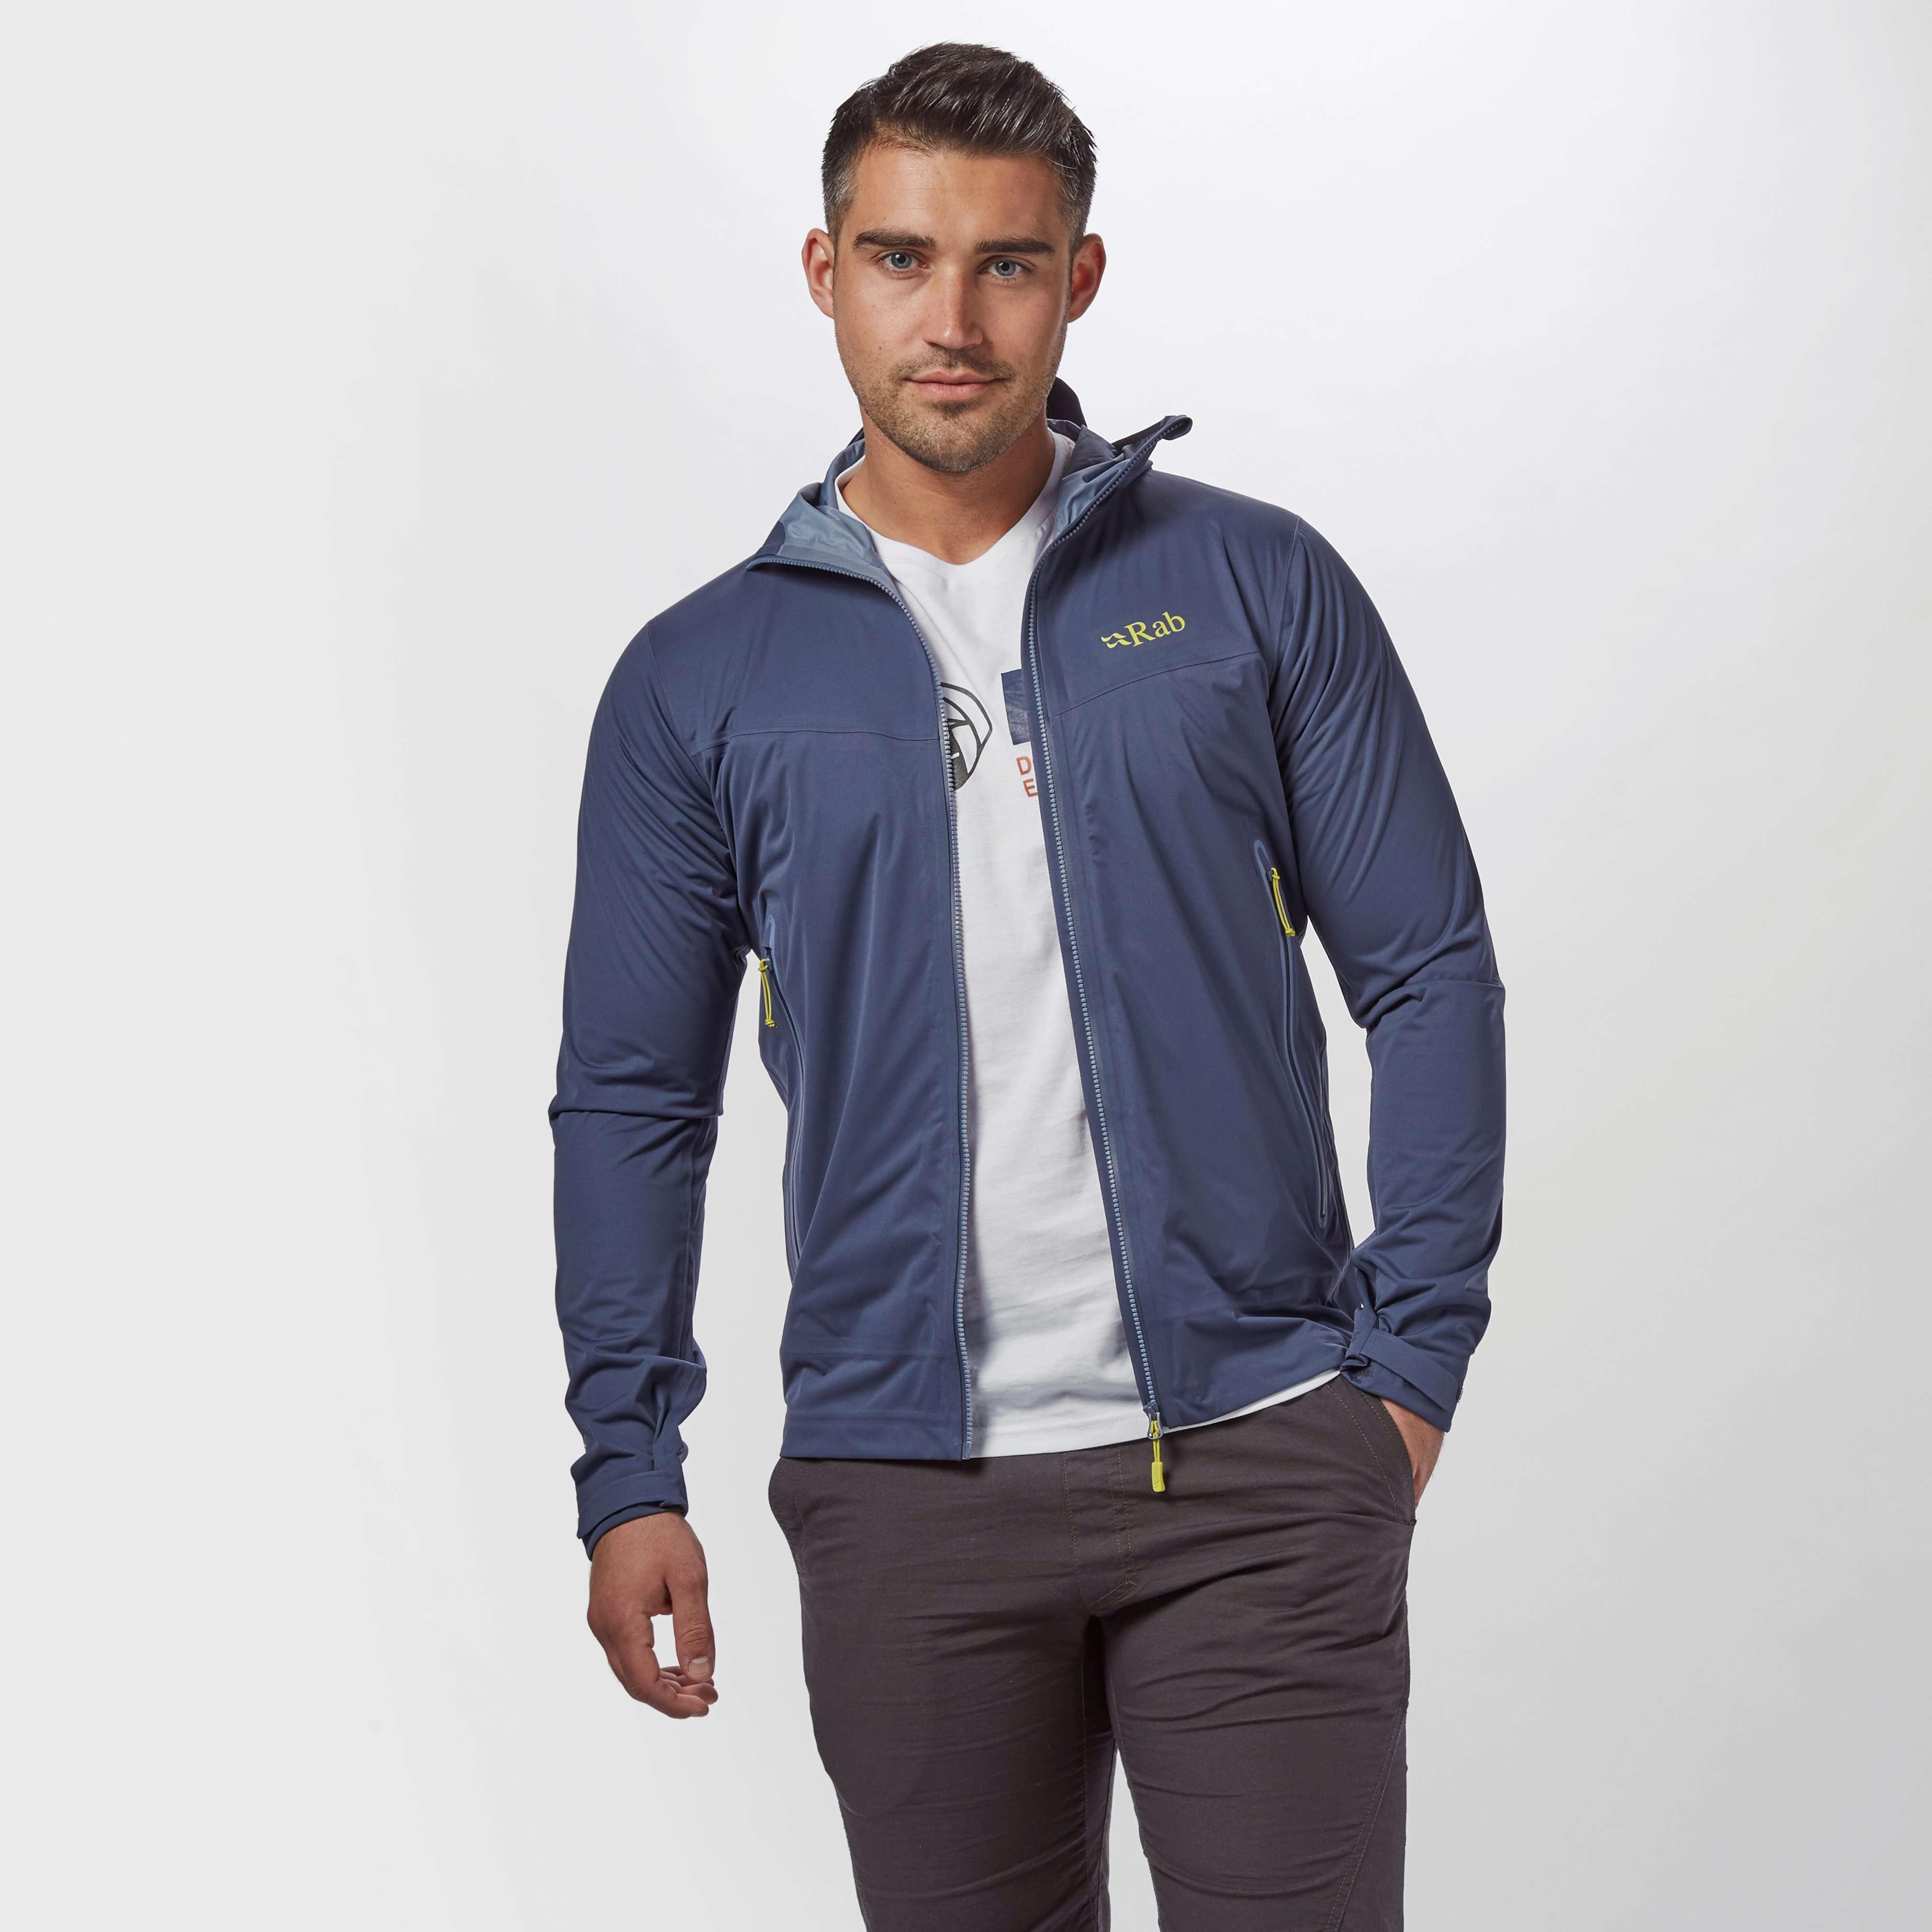 RAB Men's Kinetic Plus Softshell Jacket